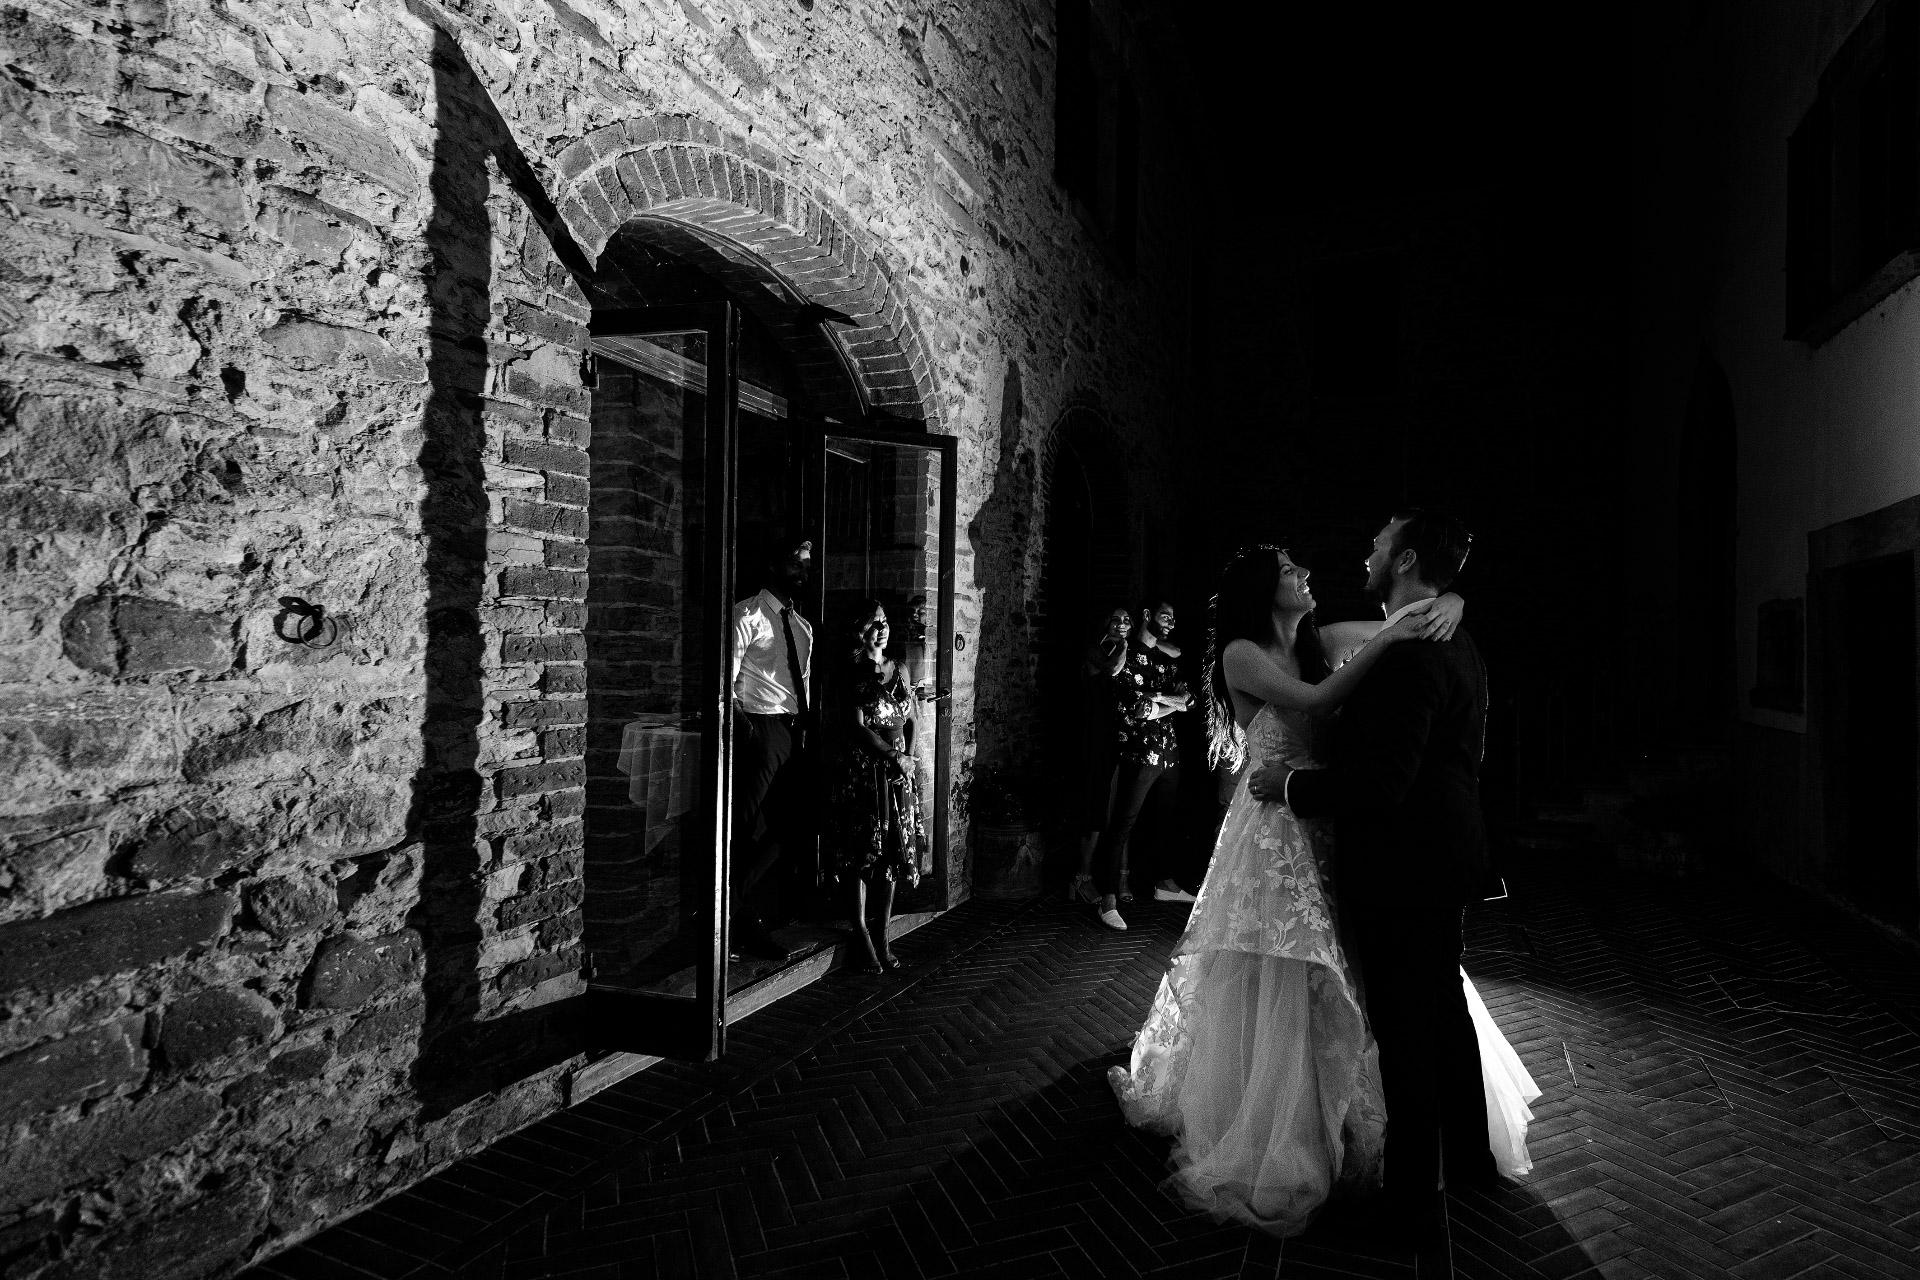 Toskana, Italien Hochzeit Elopement Tanz Bild | Schwarzweiss-Braut und Bräutigambild in der Nacht